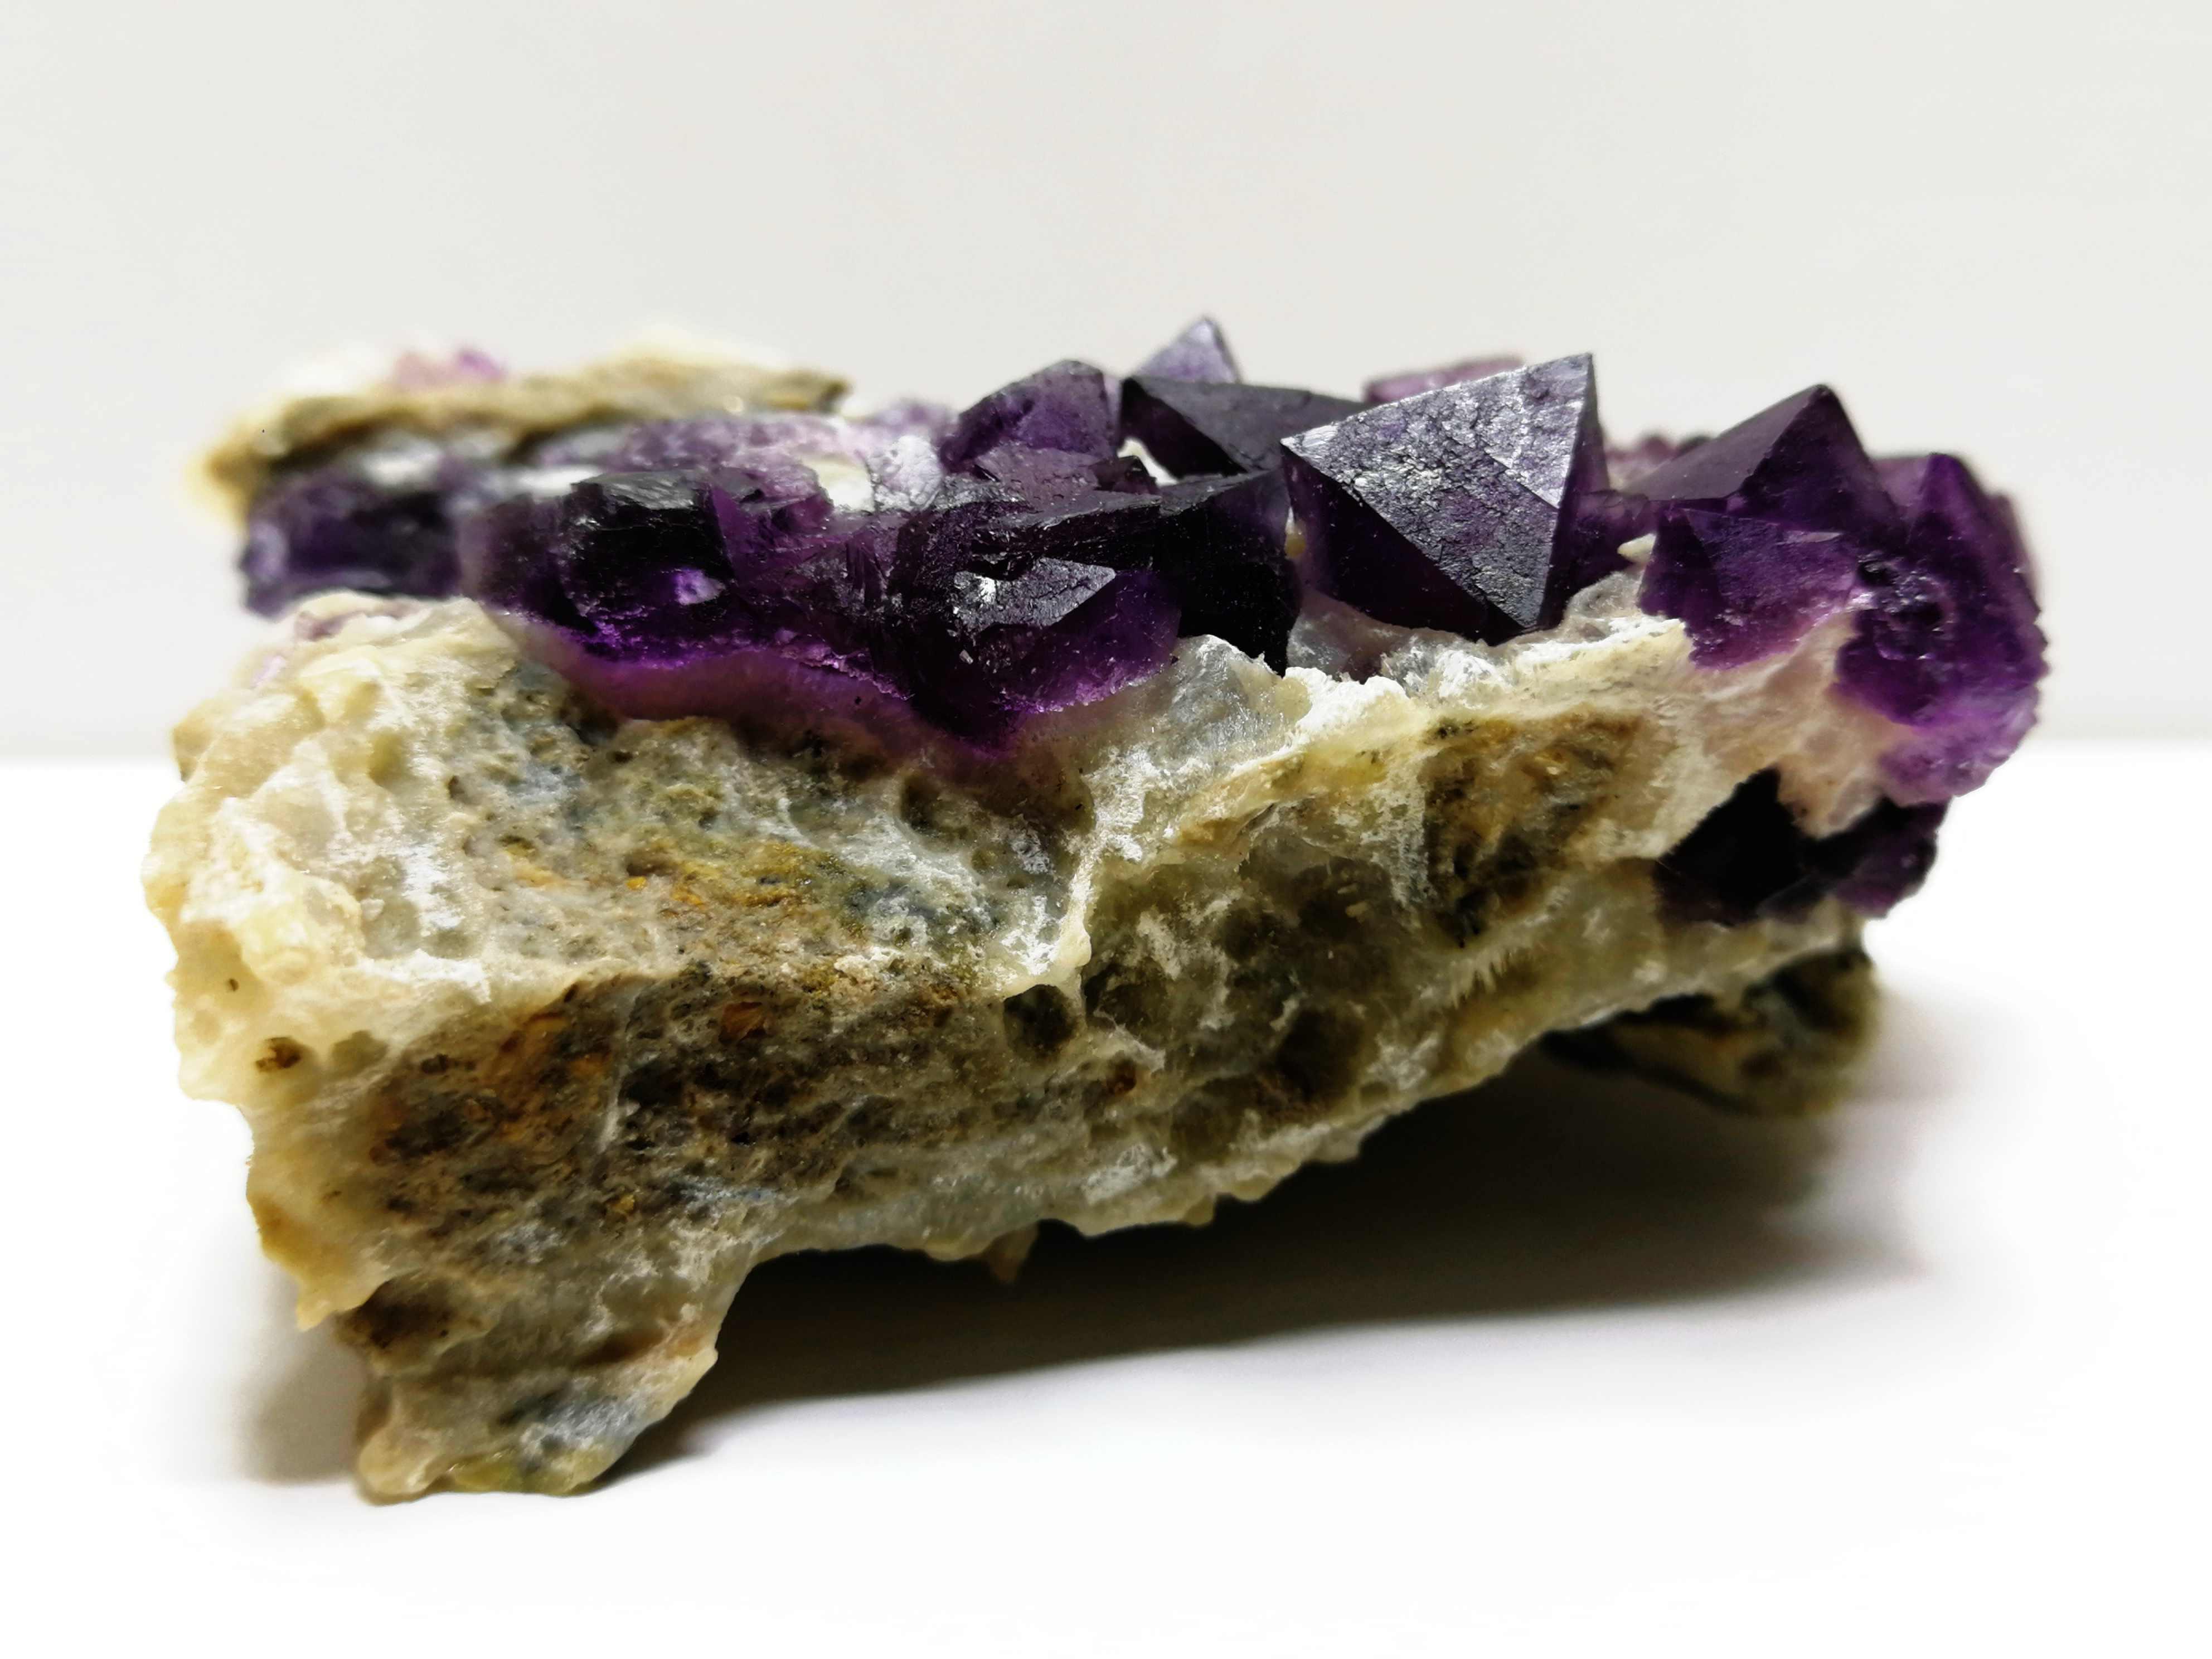 141.3 Gnatural Tím Fluorit Khoáng Mẫu Vật, Tinh Thể Thạch Anh, Nội Thất Trang Trí